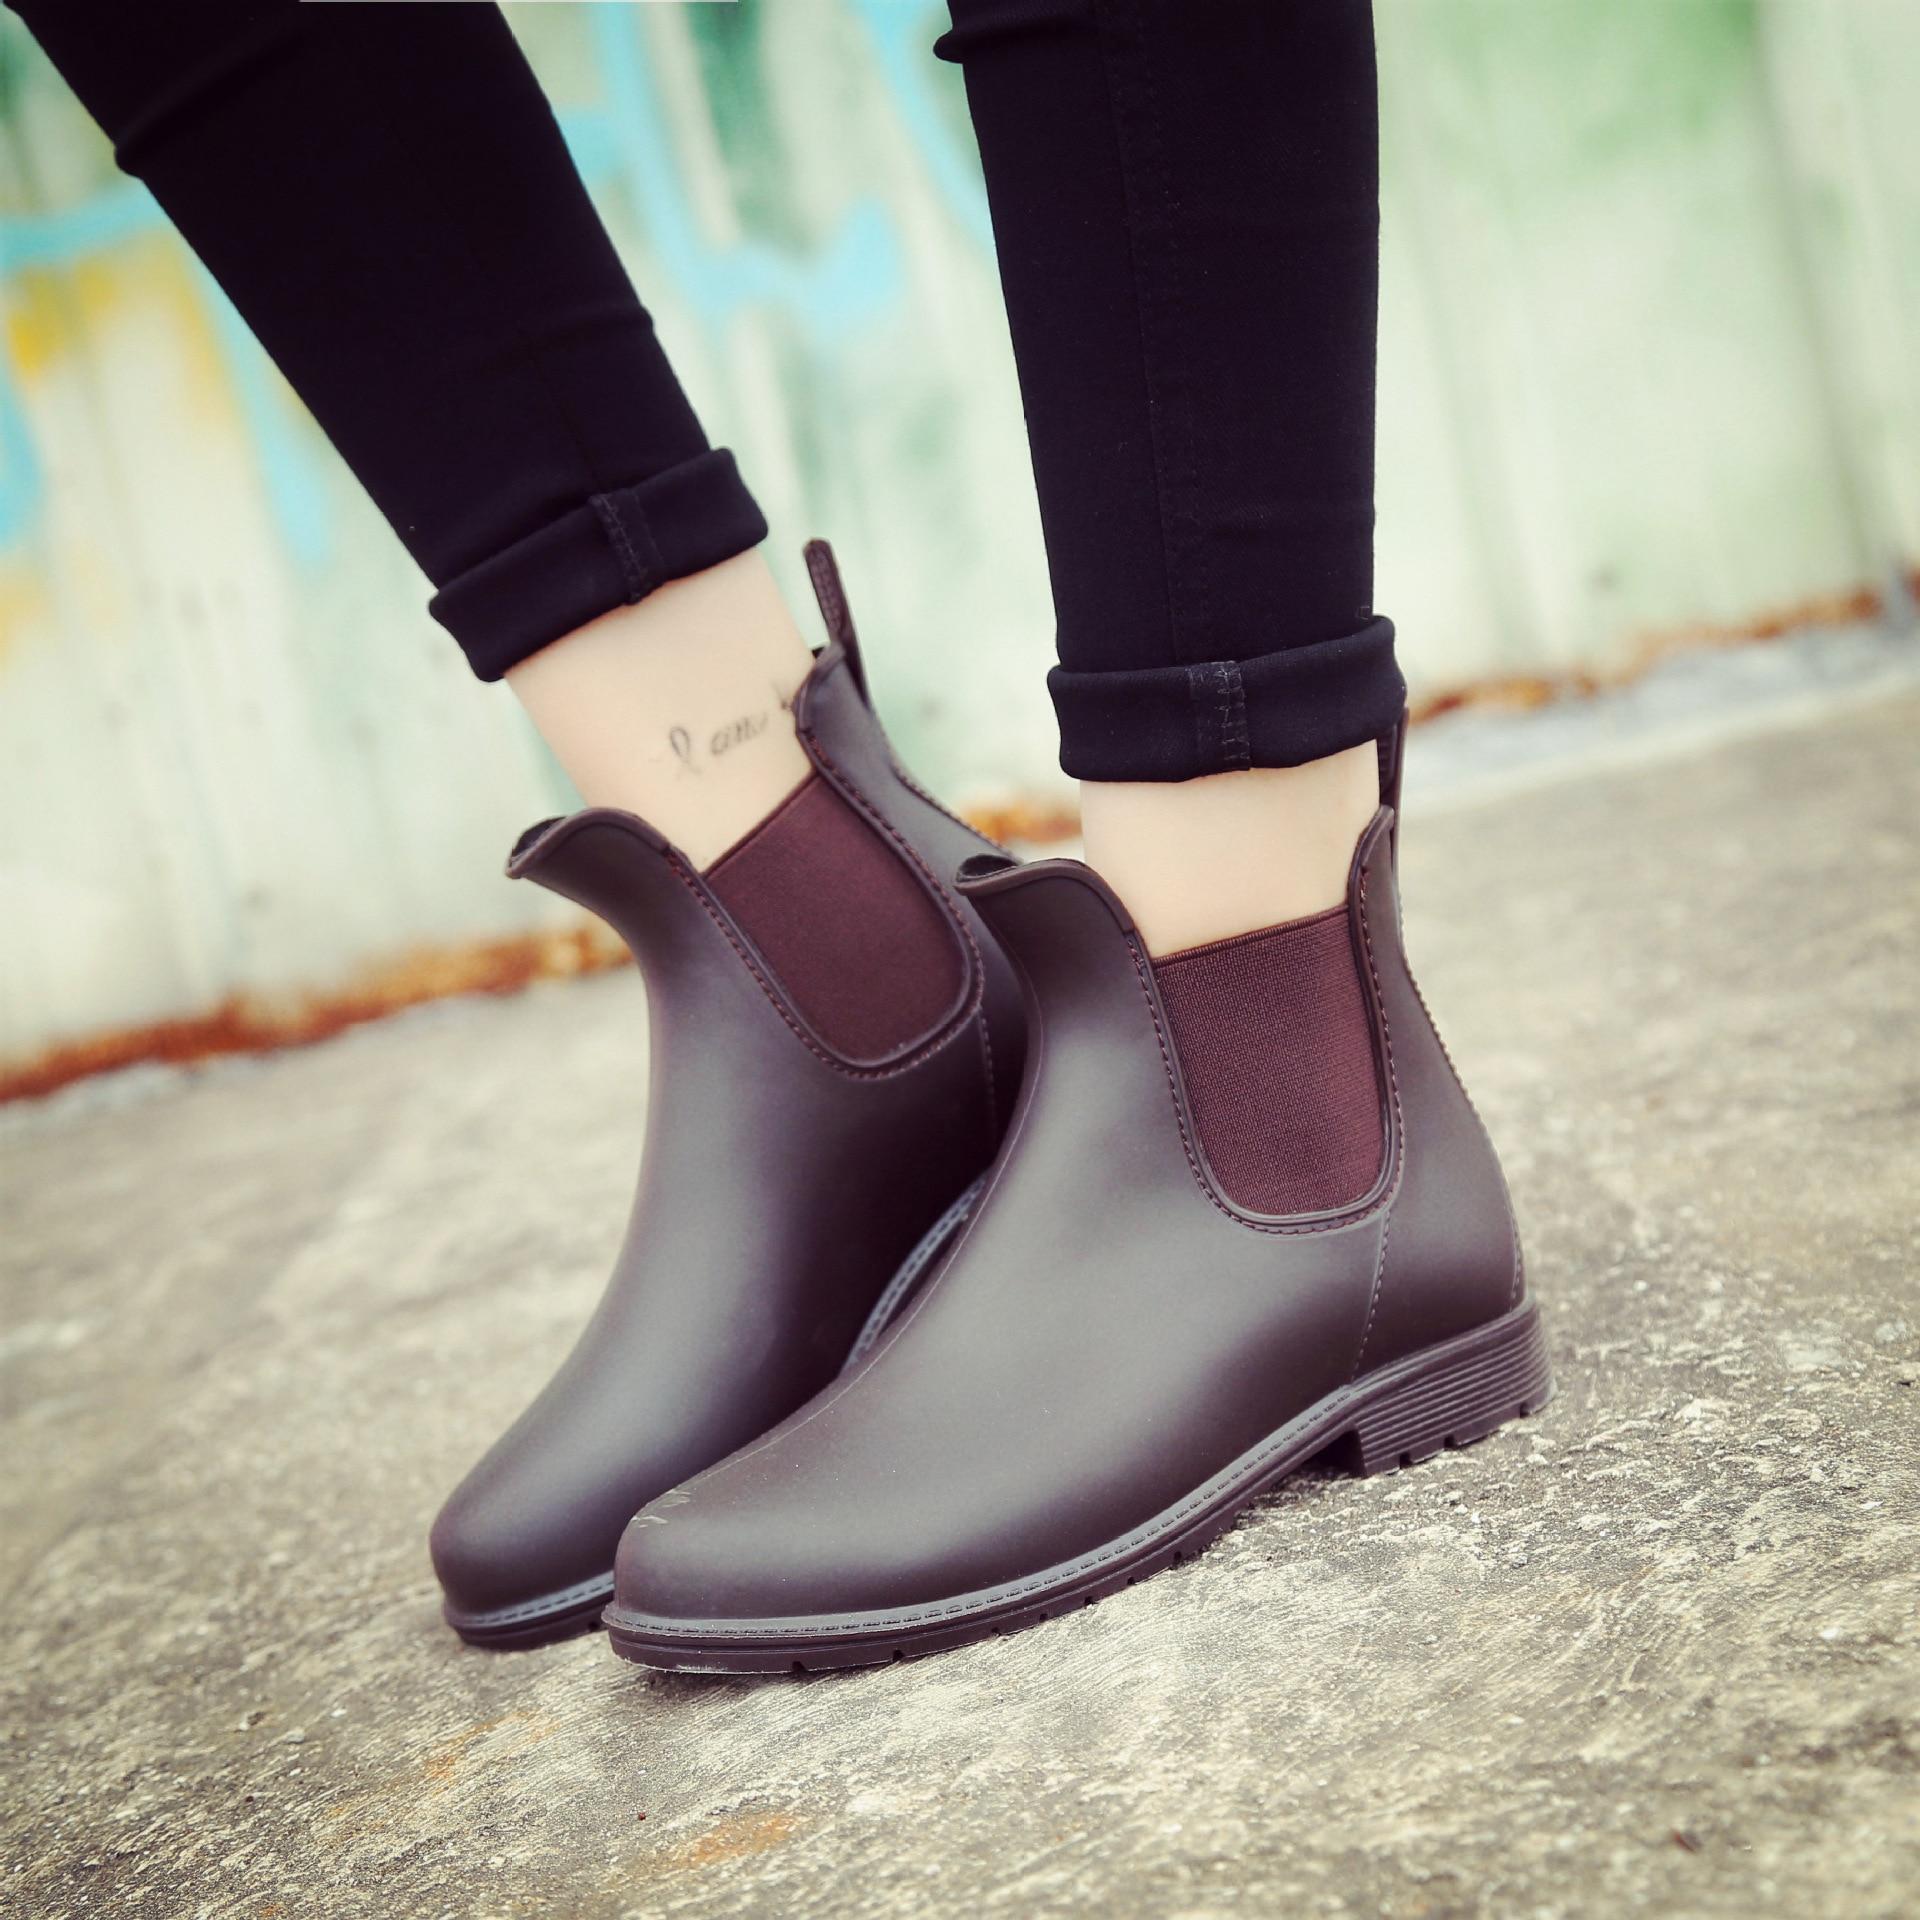 En Slip Cheville Non Femmes De Caoutchouc on Solide Bout Bottes Rond Pluie Imperméables marron slip Chaussures Rainboots Faible Noir 70g7xvrwq